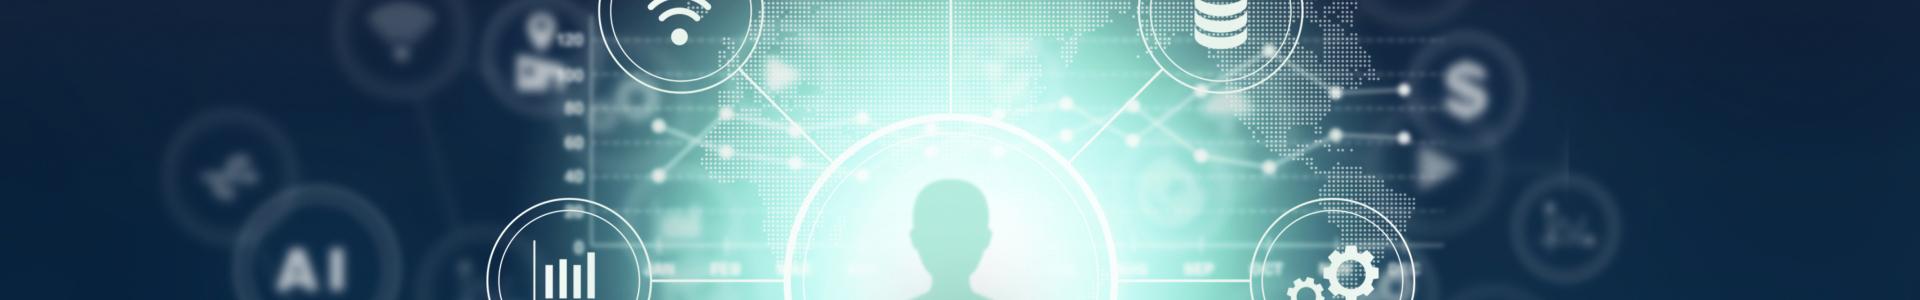 デジタルコンテンツ販売ビジネス スタートアップ支援プログラムイメージ3